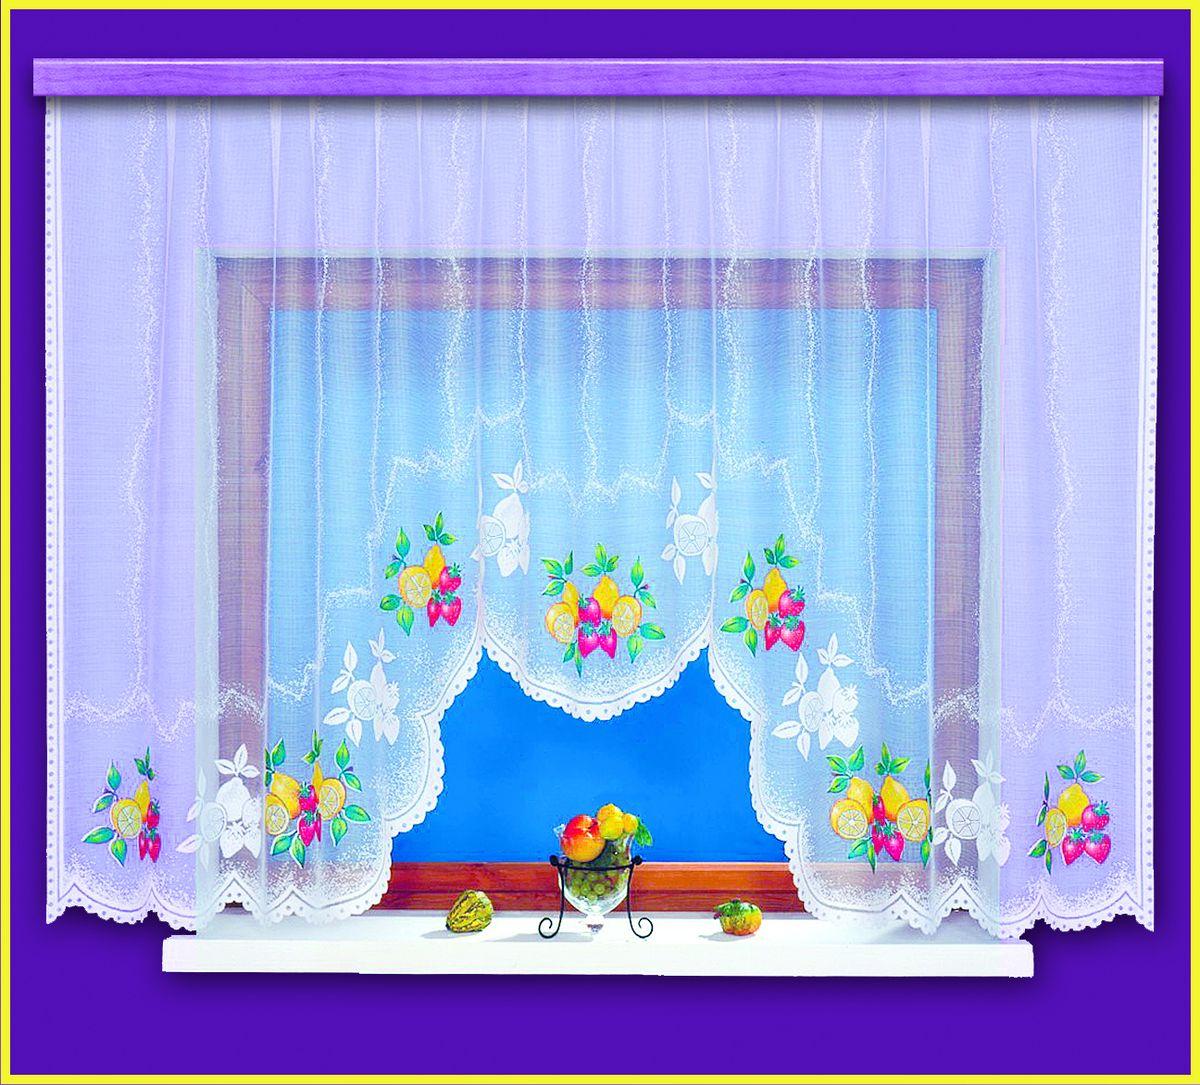 Гардина для кухни Haft Ozdoba Kuchni, цвет: белый, высота 160 см. 99220/160SVC-300Воздушная гардина Haft Ozdoba Kuchni, изготовленная из полиэстера белого цвета, станет великолепным украшением любого окна. Оригинальный фруктовый рисунок, украшающий нижний край гардины, и нежная ажурная фактура материала привлекут к себе внимание и органично впишутся в интерьер комнаты. В гардину вшита шторная лента.Размер гардины: 160 х 300 см.Текстильная компания Haft имеет богатую историю. Основанная в 1878 году в Польше, эта фирма зарекомендовала себя в качестве одного из лидеров текстильной промышленности в Европе. Еще в начале XX века фабрика Haft производила 90% всех текстильных изделий в своей стране, с годами производство расширялось, накопленный опыт позволял наиболее выгодно использовать развивающиеся технологии. Главный ассортимент компании - это тюль и занавески. Haft предлагает готовые решения дляваших окон, выпуская готовые наборы штор, которые остается только распаковать и повесить. Модельный ряд отличает оригинальный дизайн, высокое качество. Занавески, шторы, гардины Haft долговечны, прочны, практически не сминаемы, они не притягивают пыль и за ними легко ухаживать.Вся продукция бренда Haft выполнена на современном оборудовании из лучших материалов.